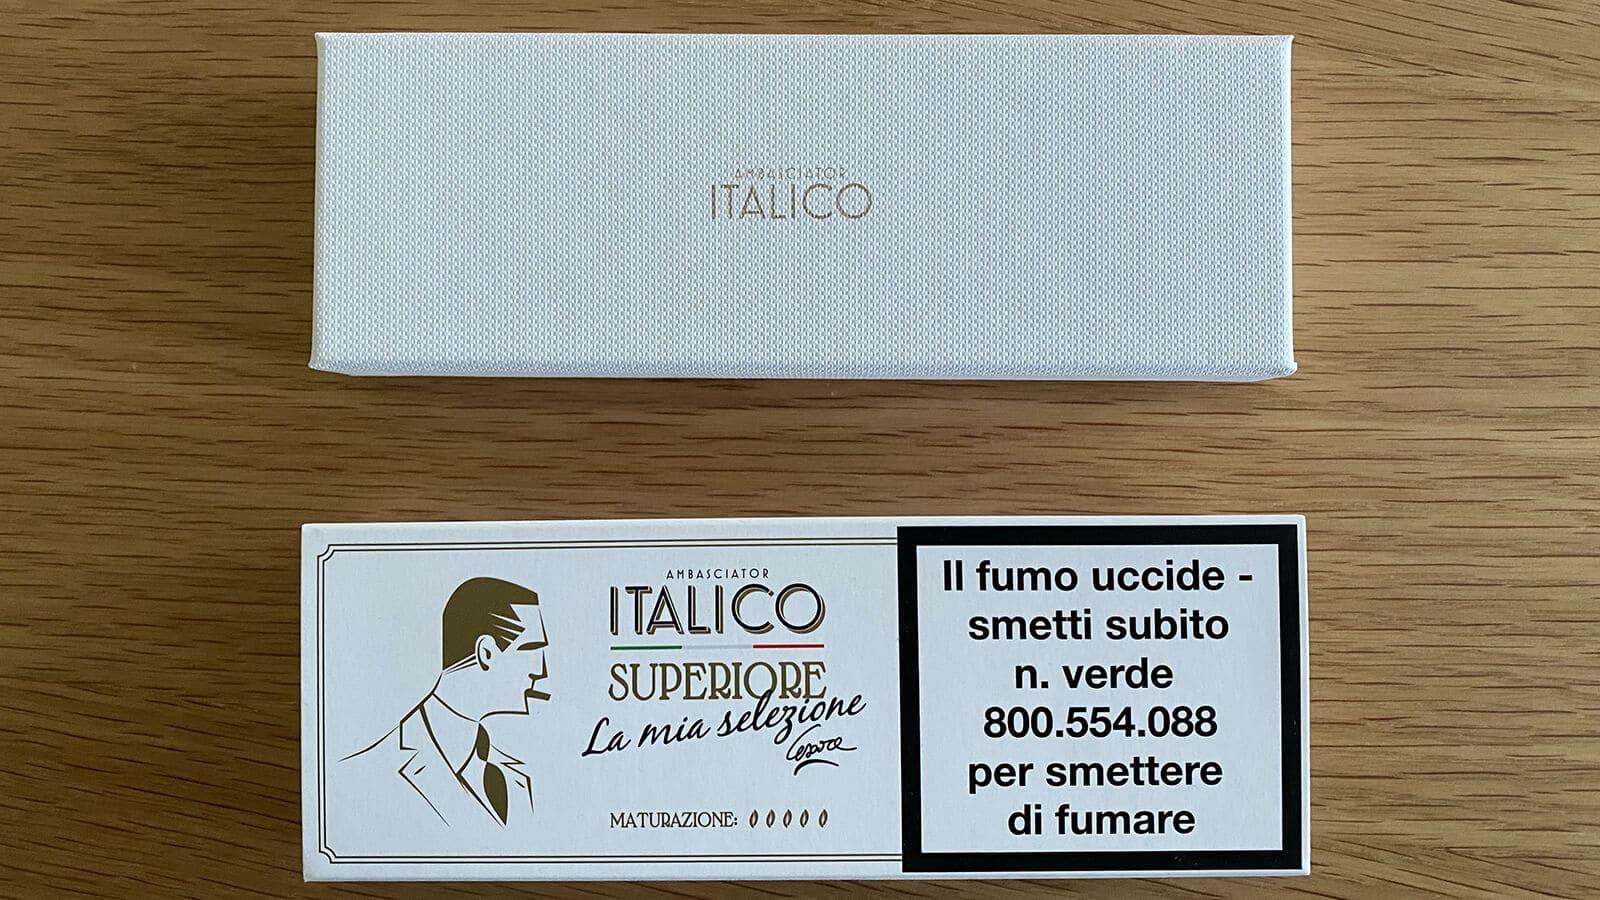 """Ambasciatore Italico Superiore """"La mia selezione"""""""